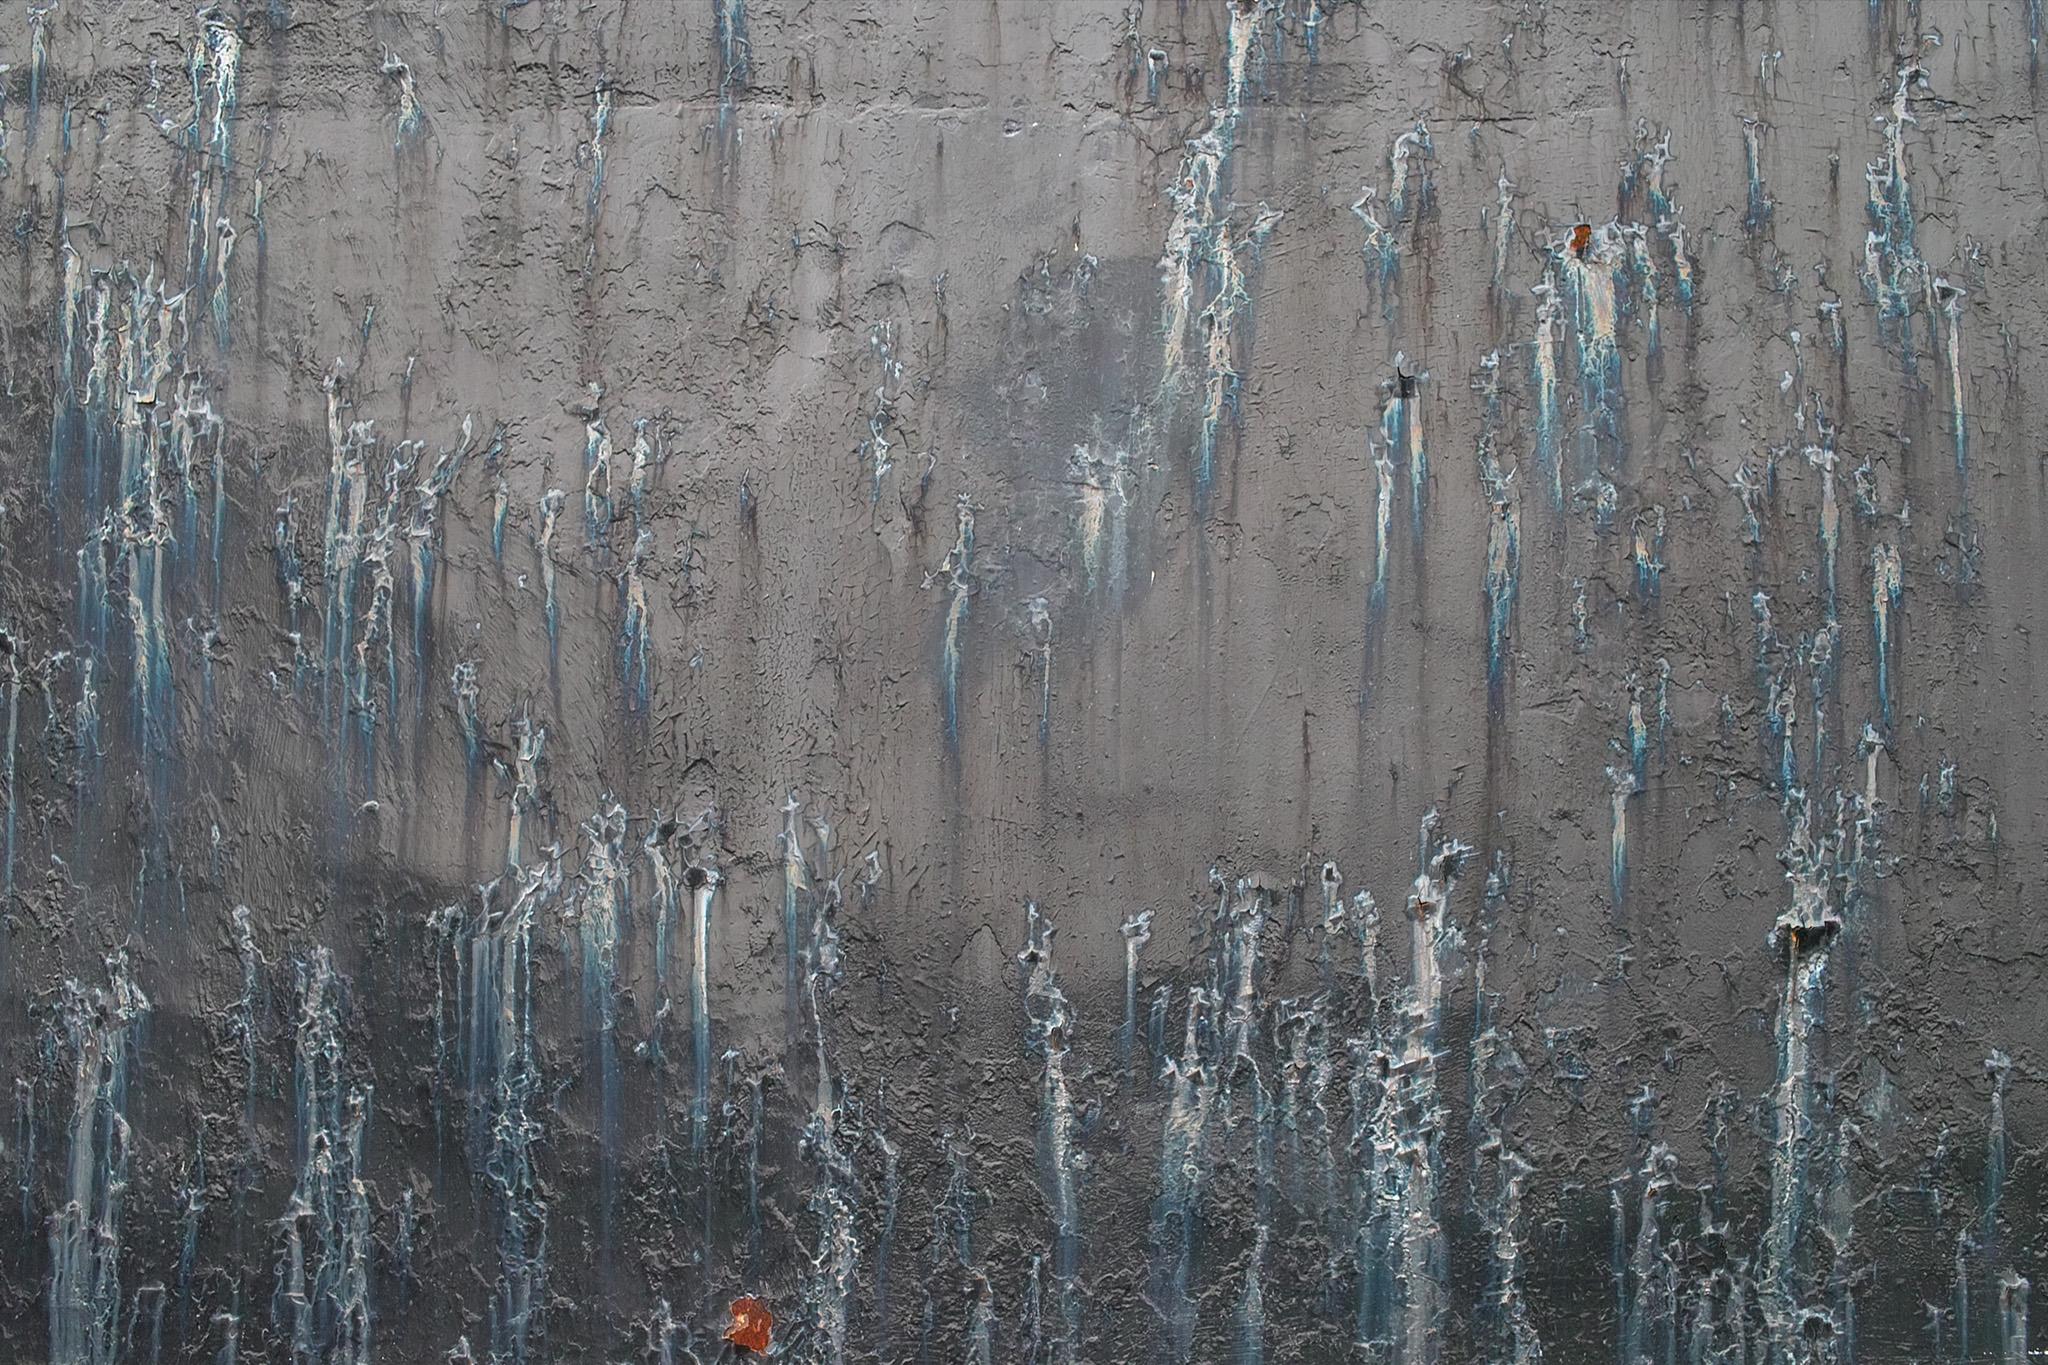 「汚れた金属の荒廃した背景」